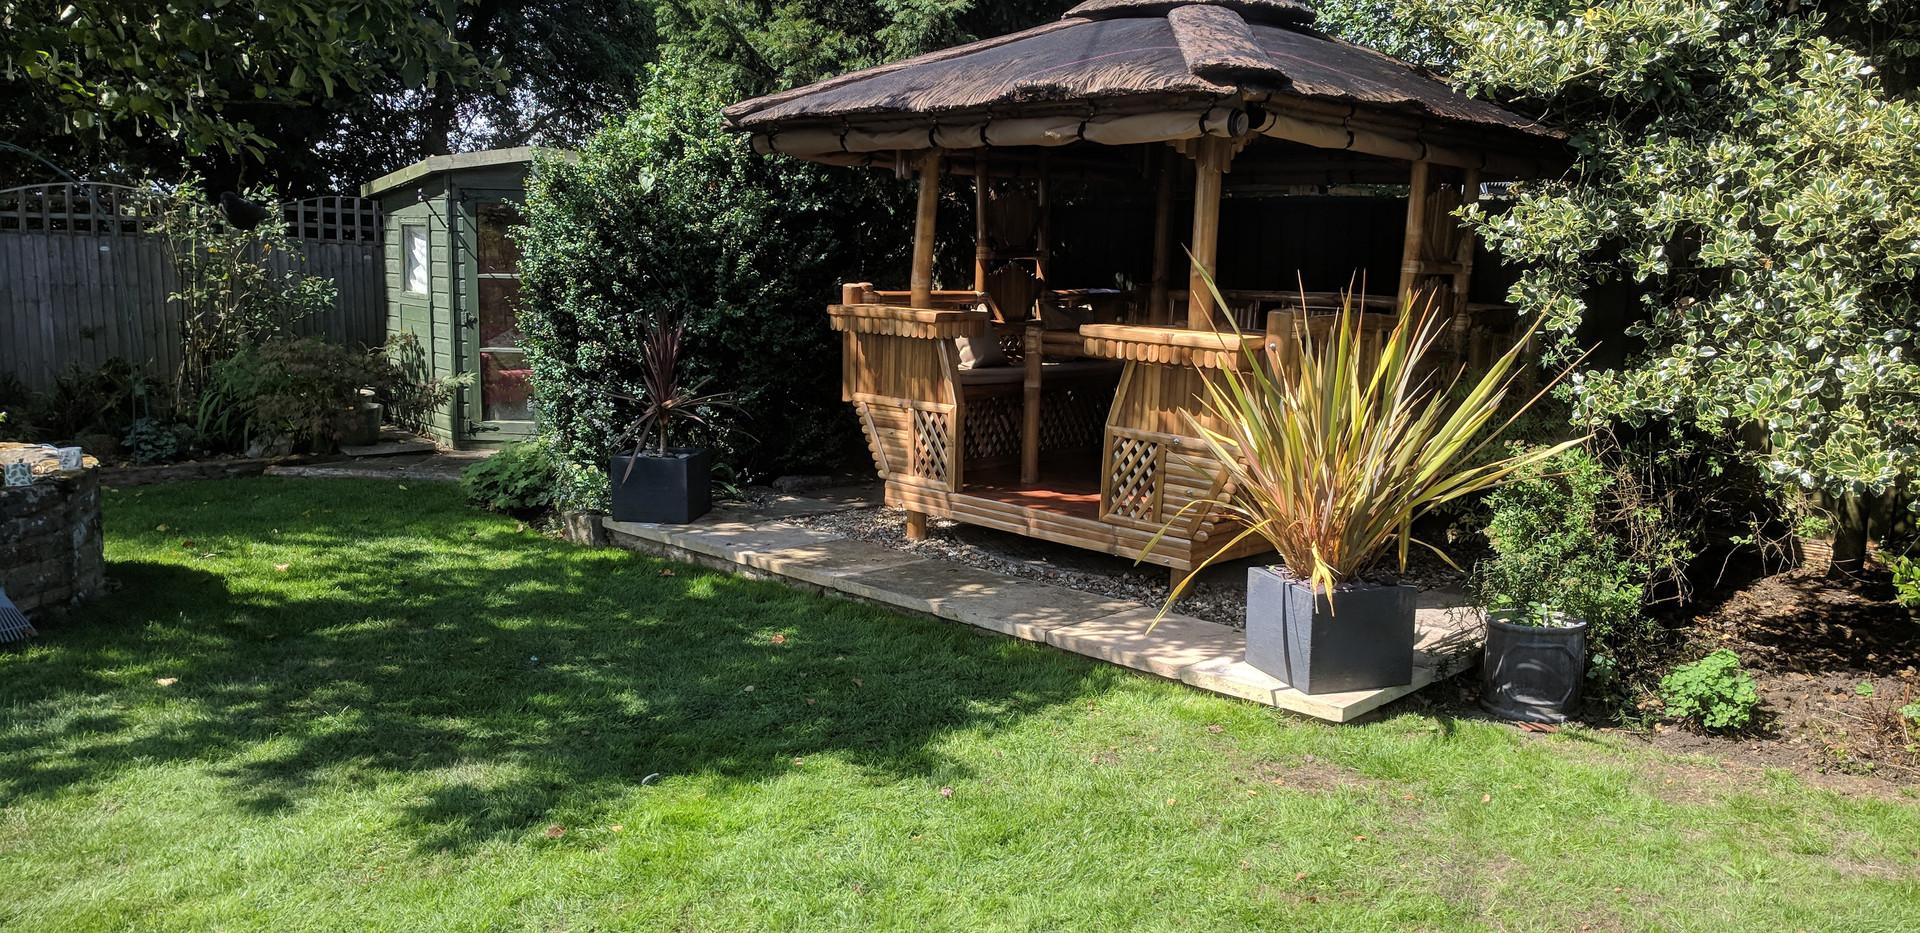 Bamboo Gazebo or tiki hut